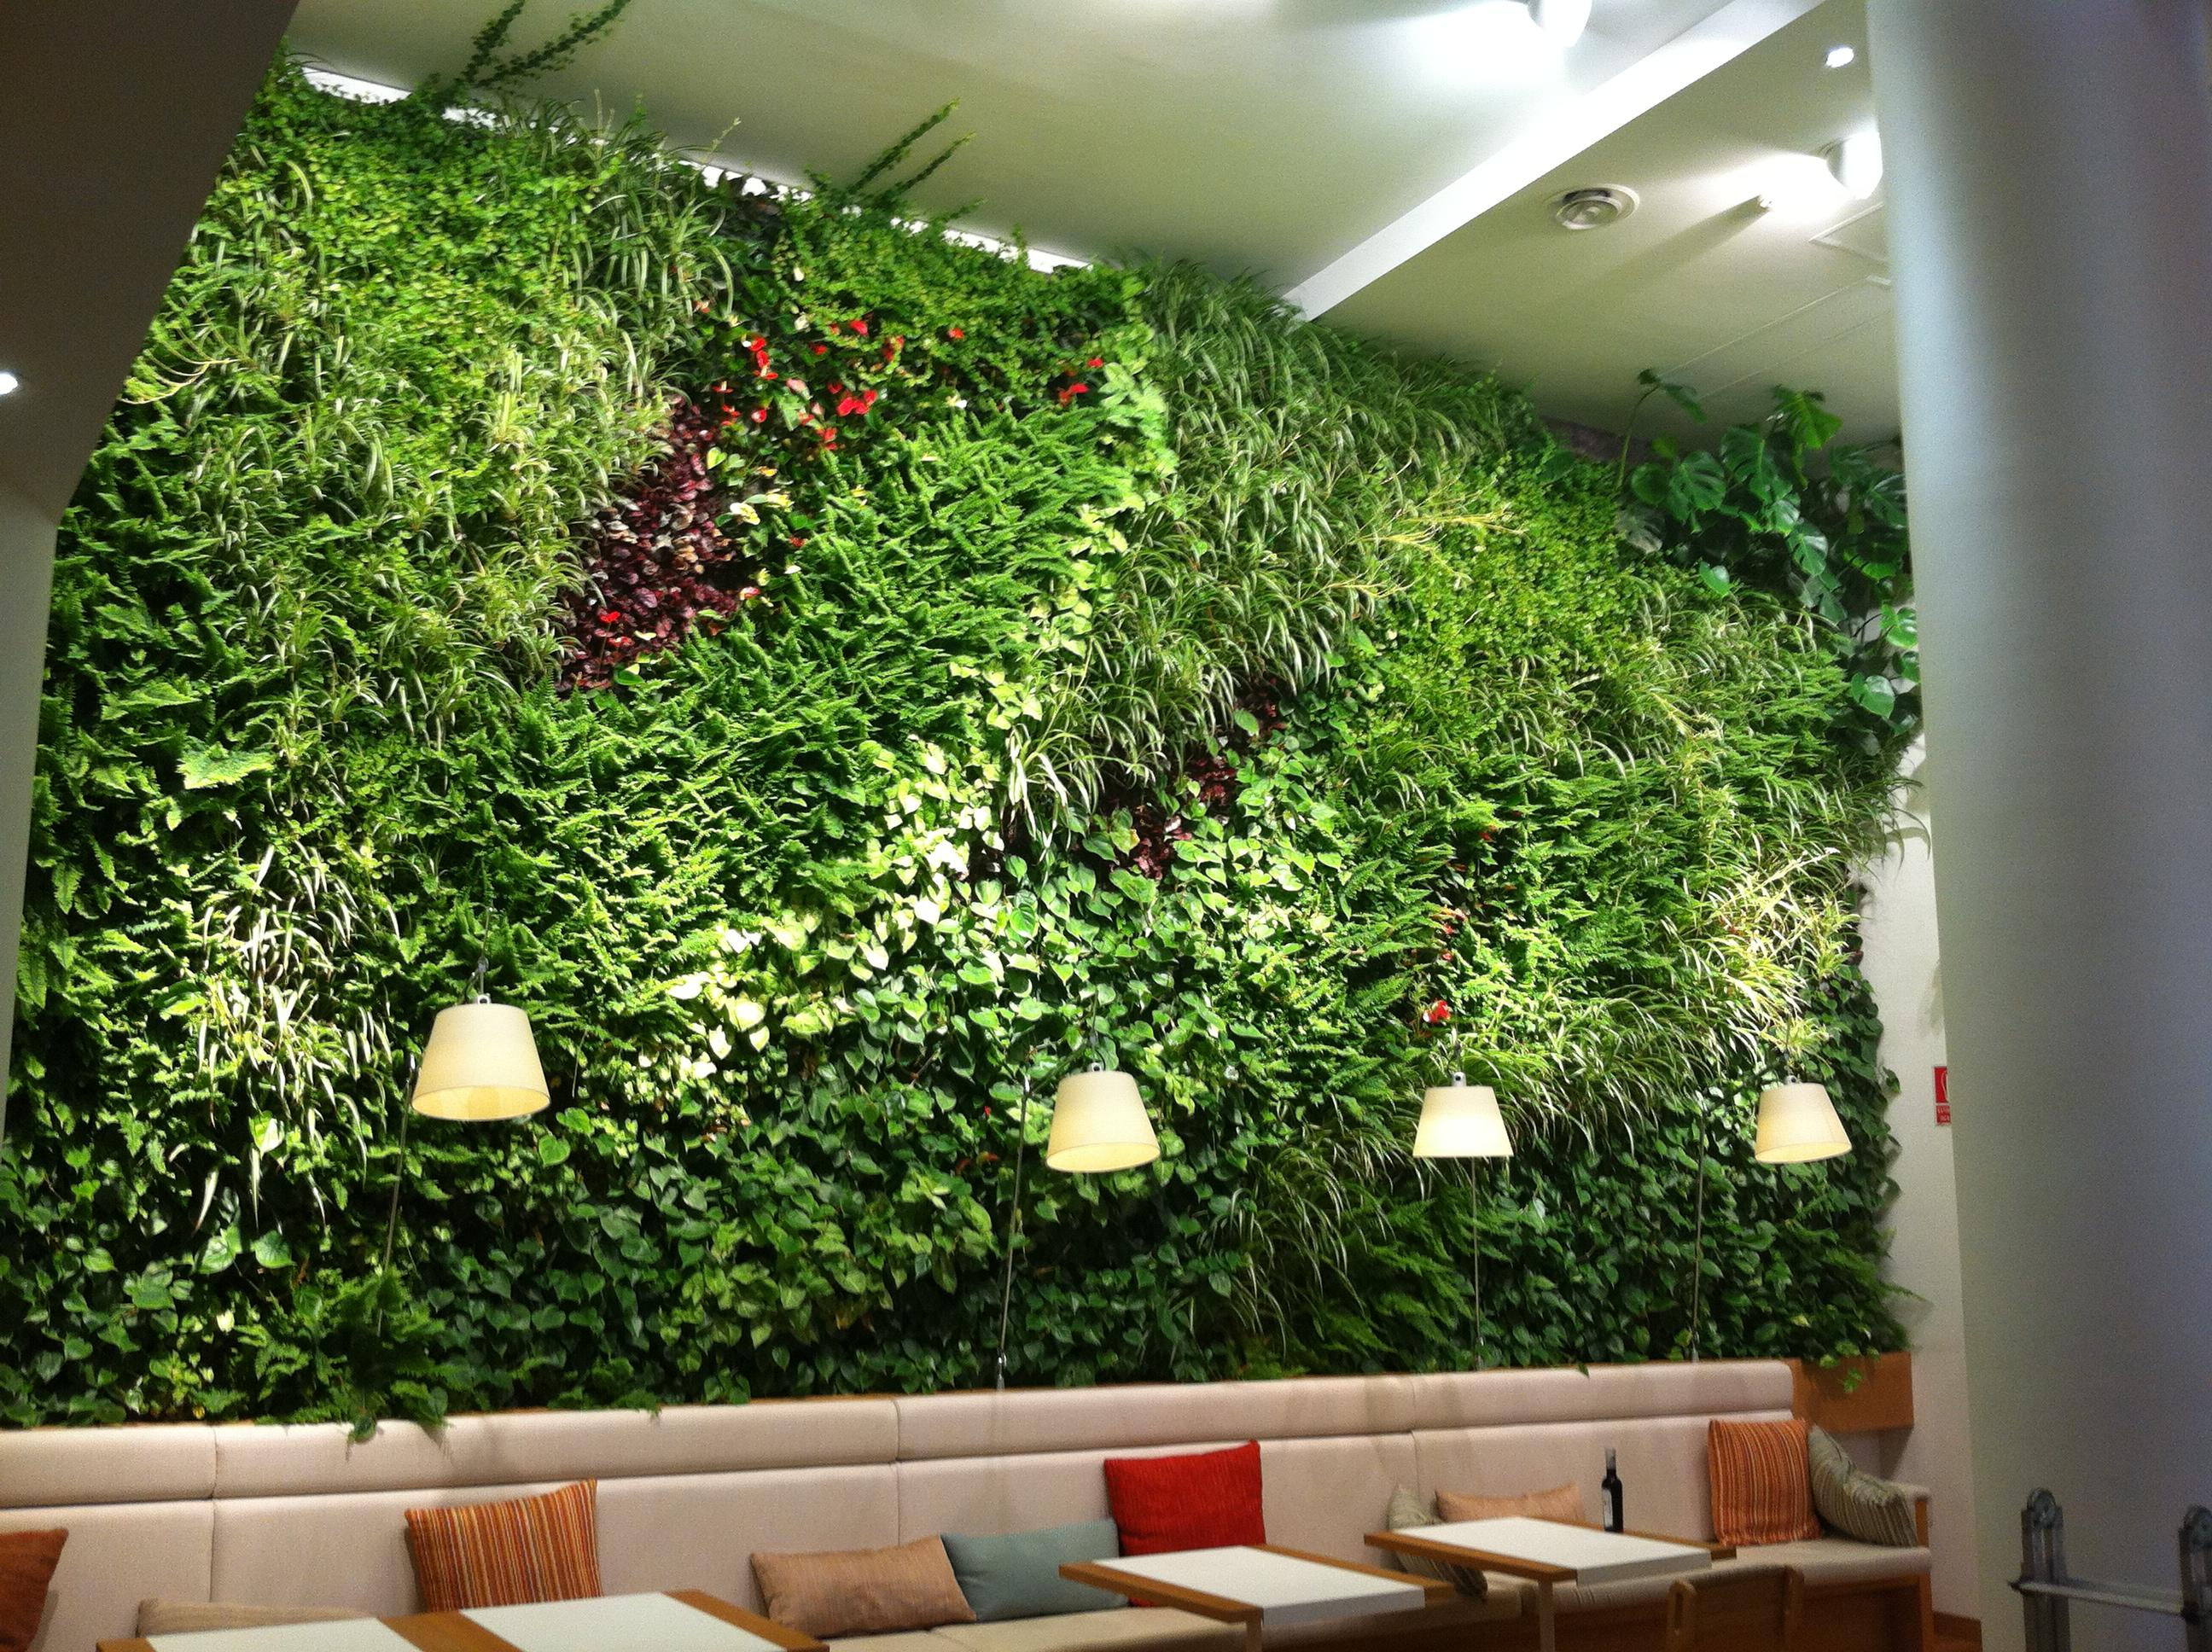 Jardines verticales cooperativa de trabajo arc ngel ltda for Plantas para muros verdes verticales